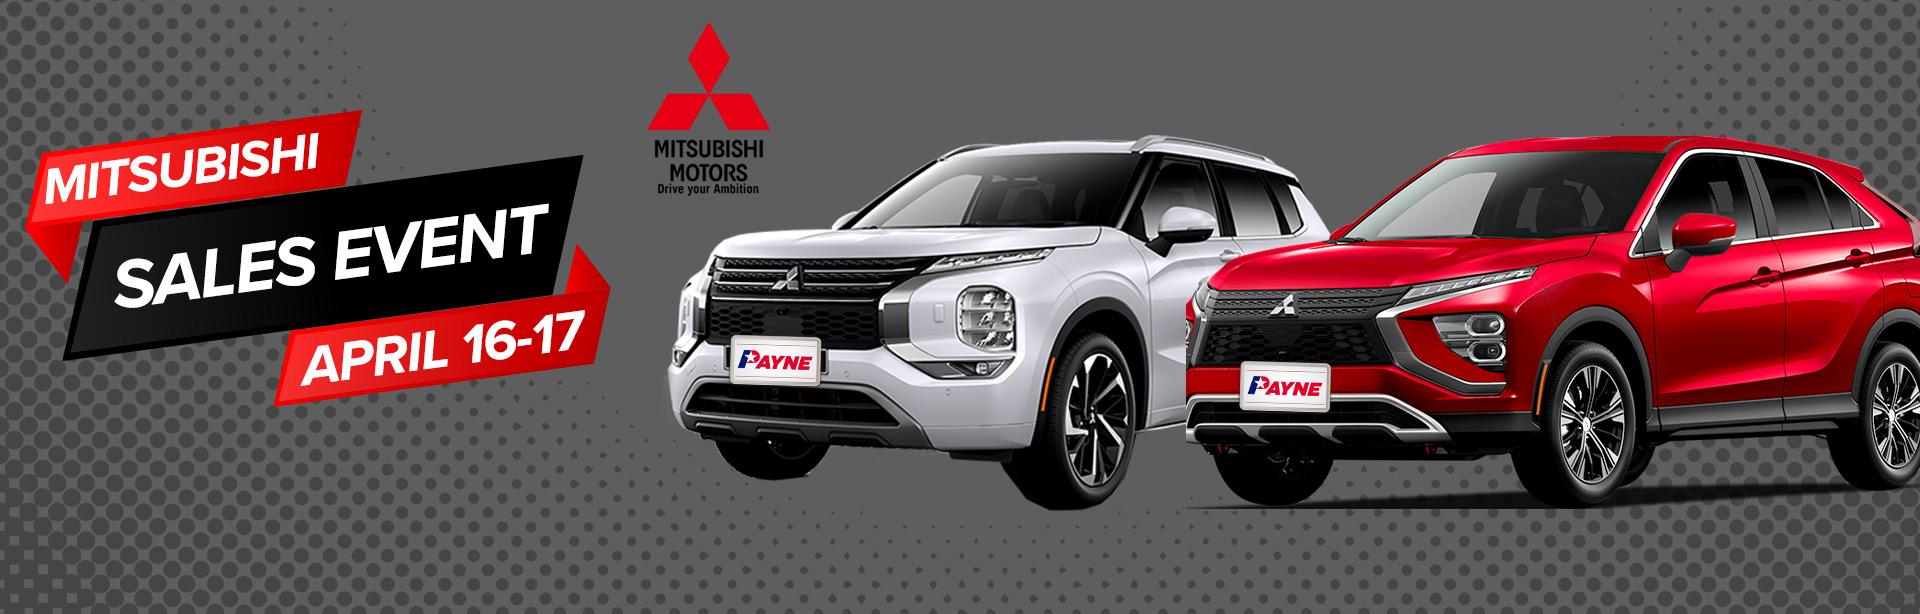 Mitsubishi Sales Event